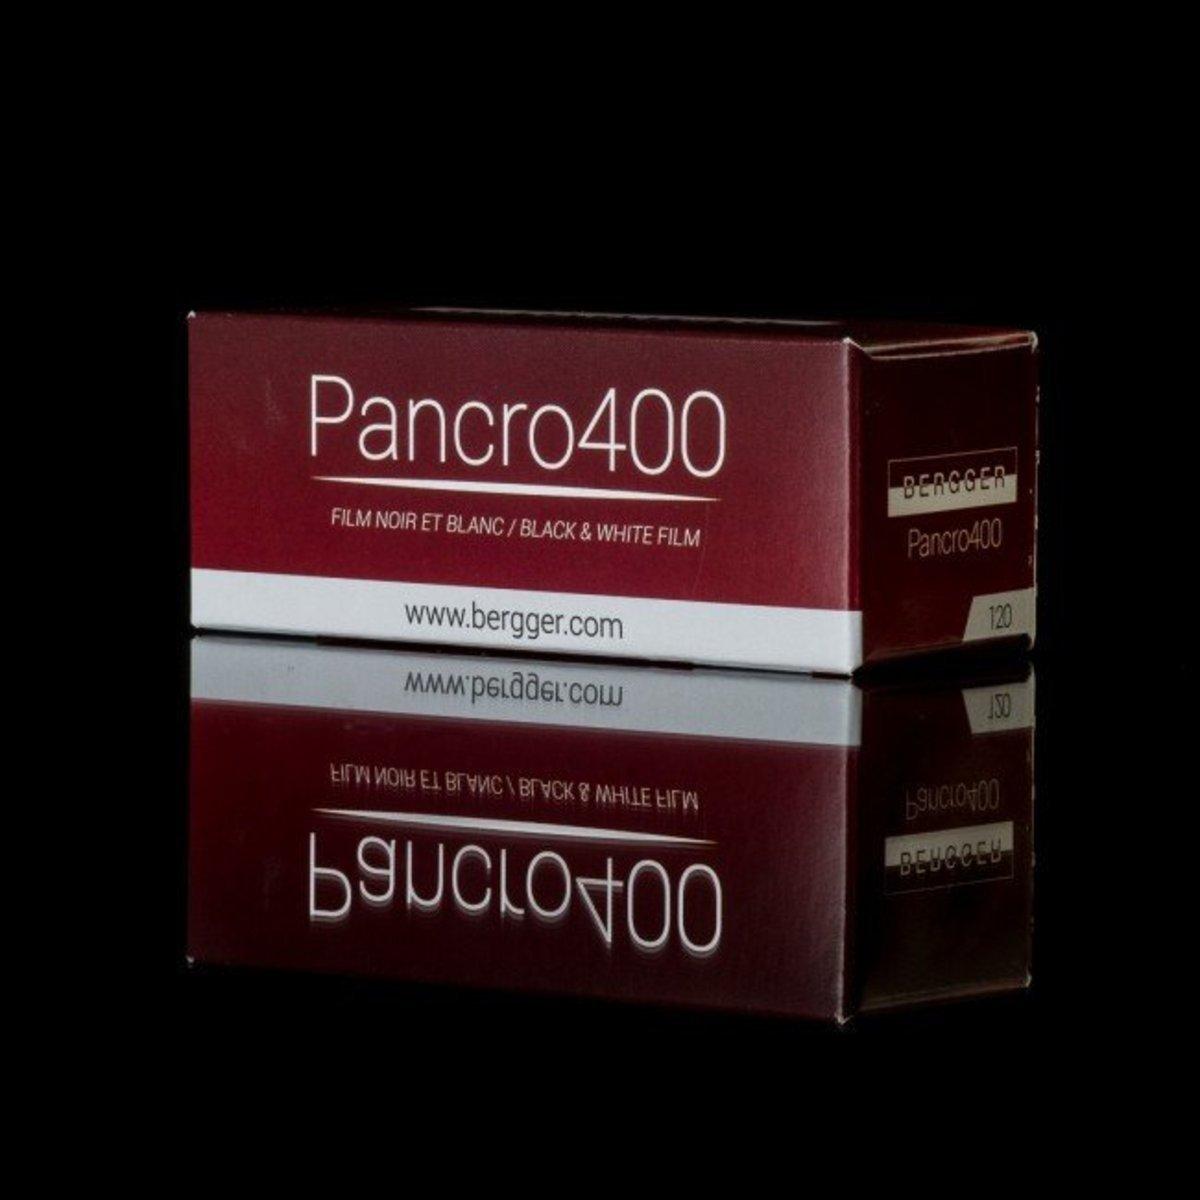 法國百合牌 Pancro400 120 黑白菲林